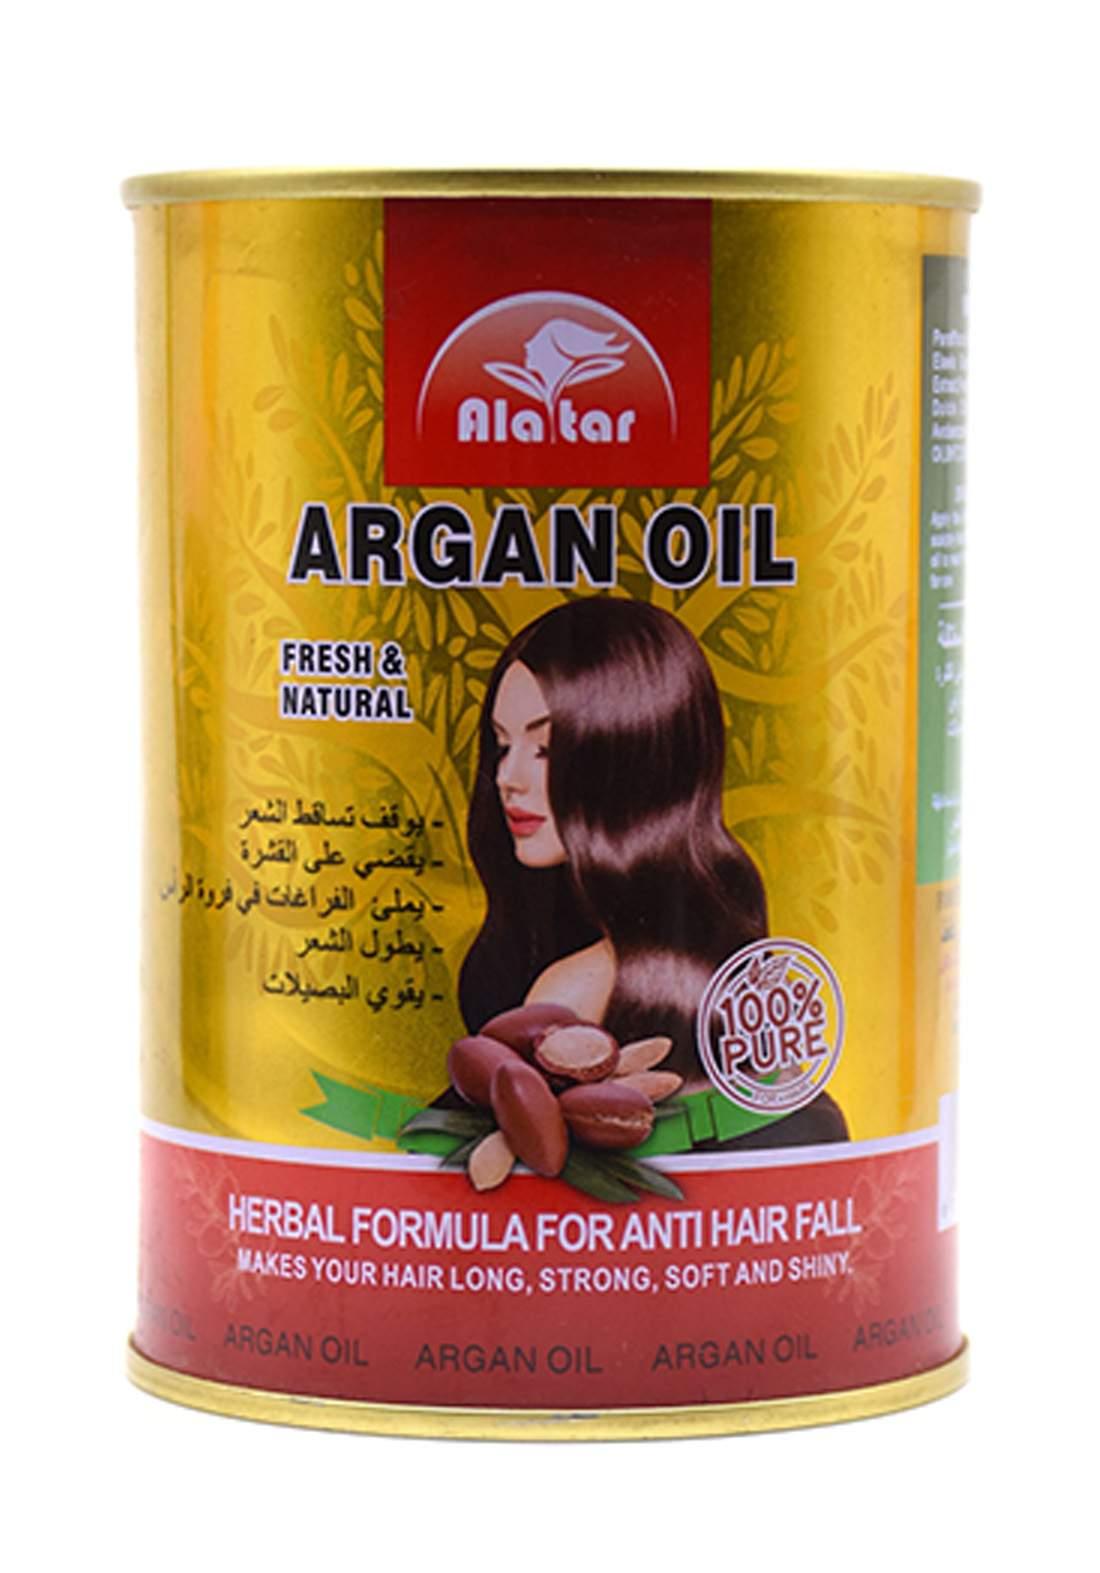 Alatar Argan Oil 400 ml زيت الأرغان